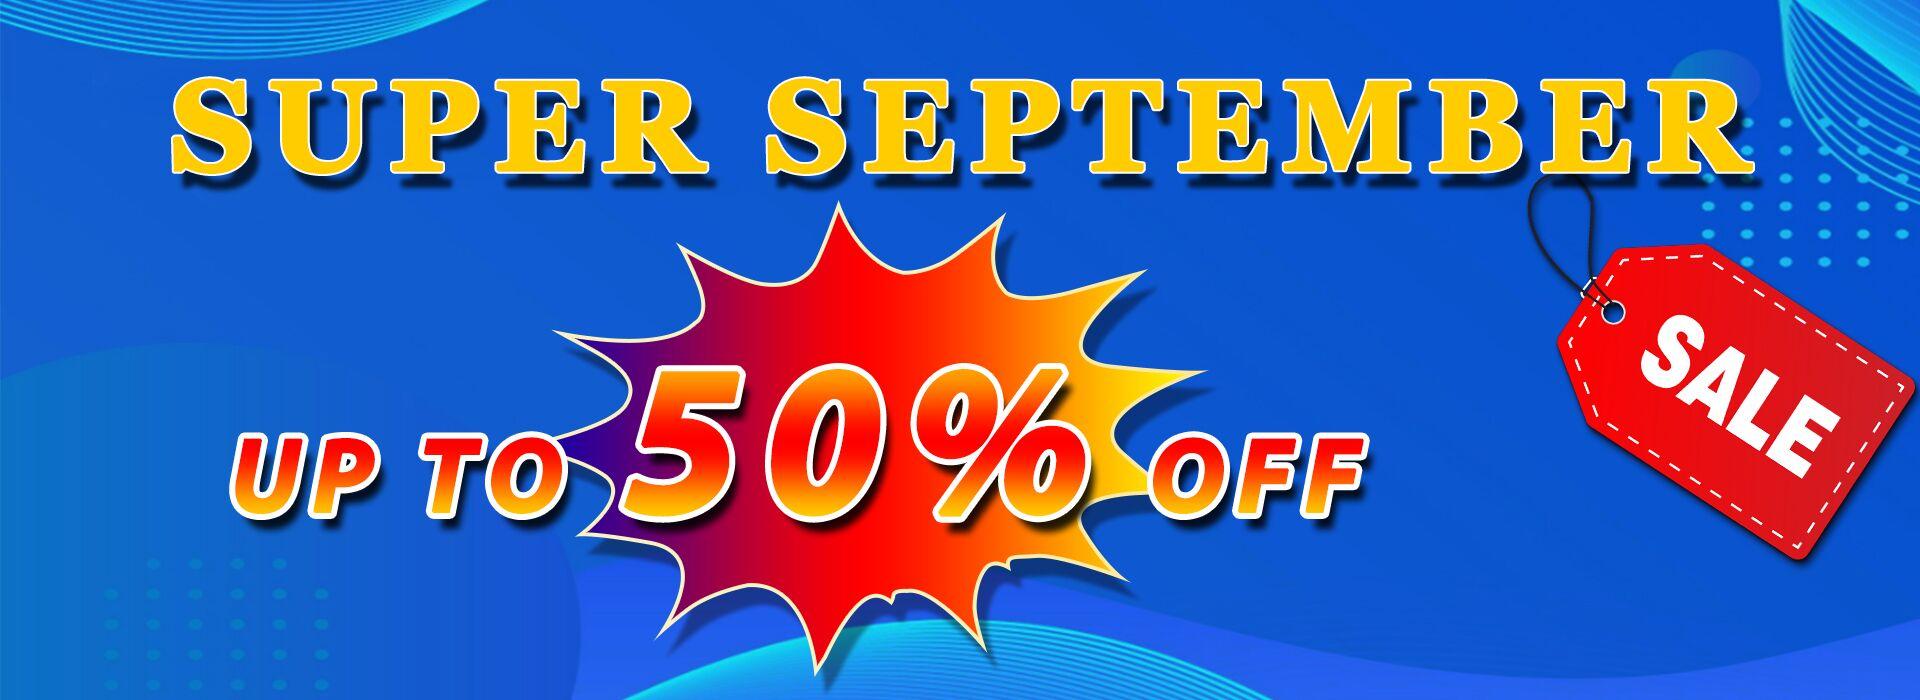 Super September,Super Sale